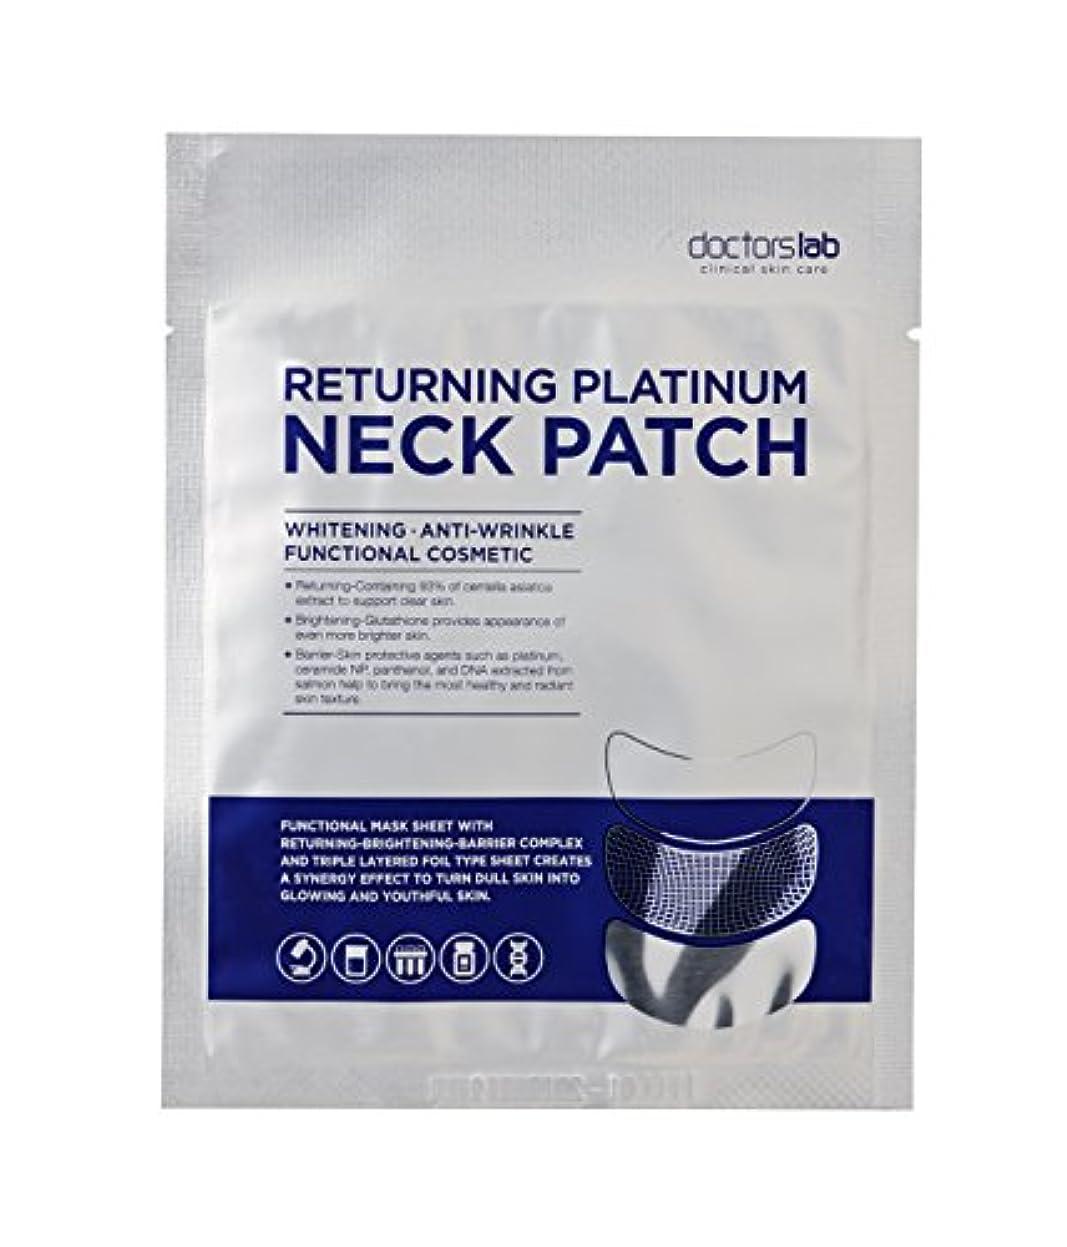 聖域同志ランダムDoctor's Lab Clinical Skin Care 戻るプラチナネックパッチ 4本/箱